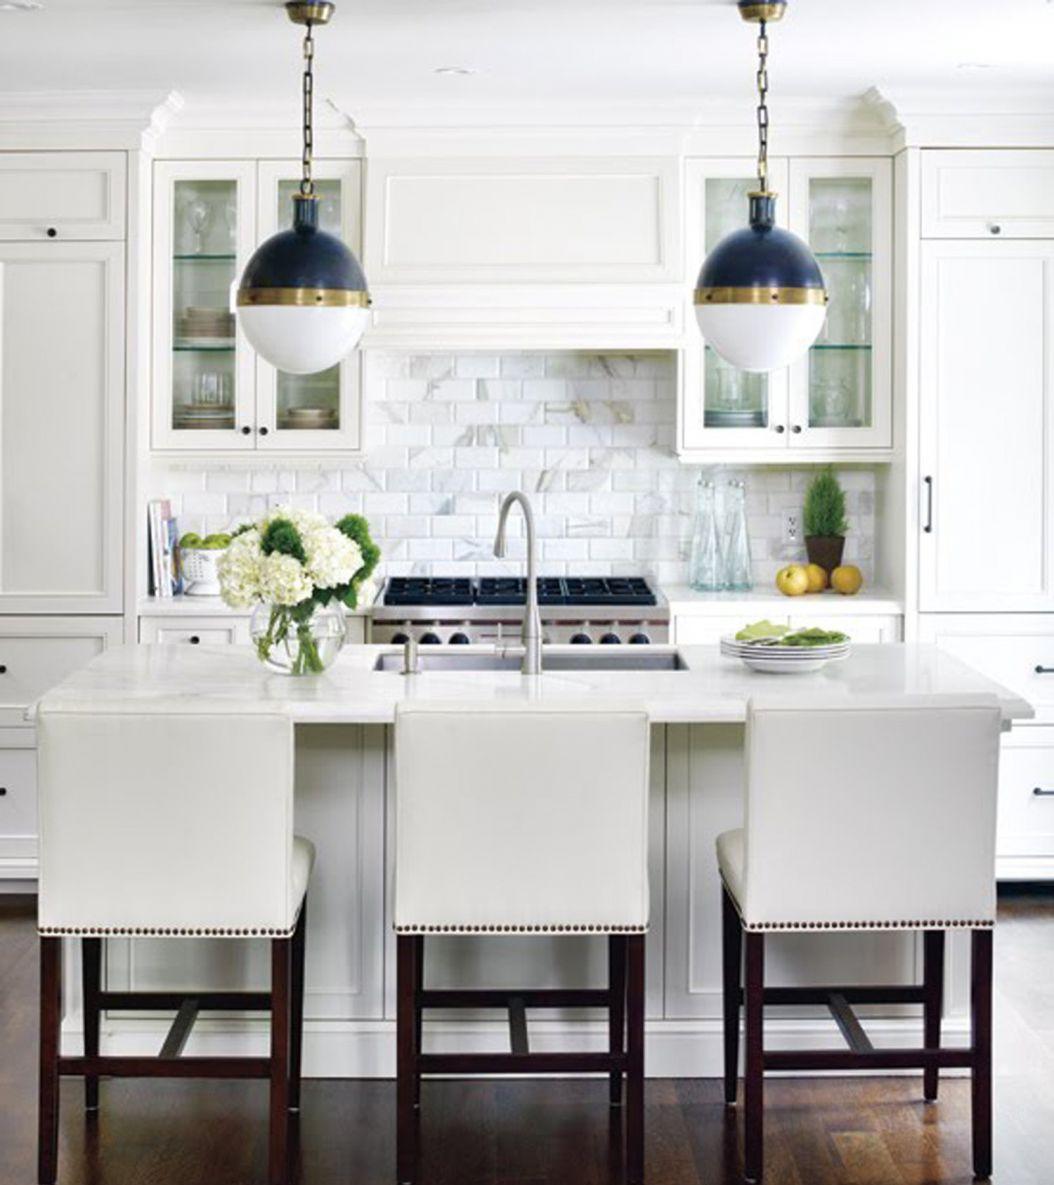 Круглые сине-белые люстры на кухне